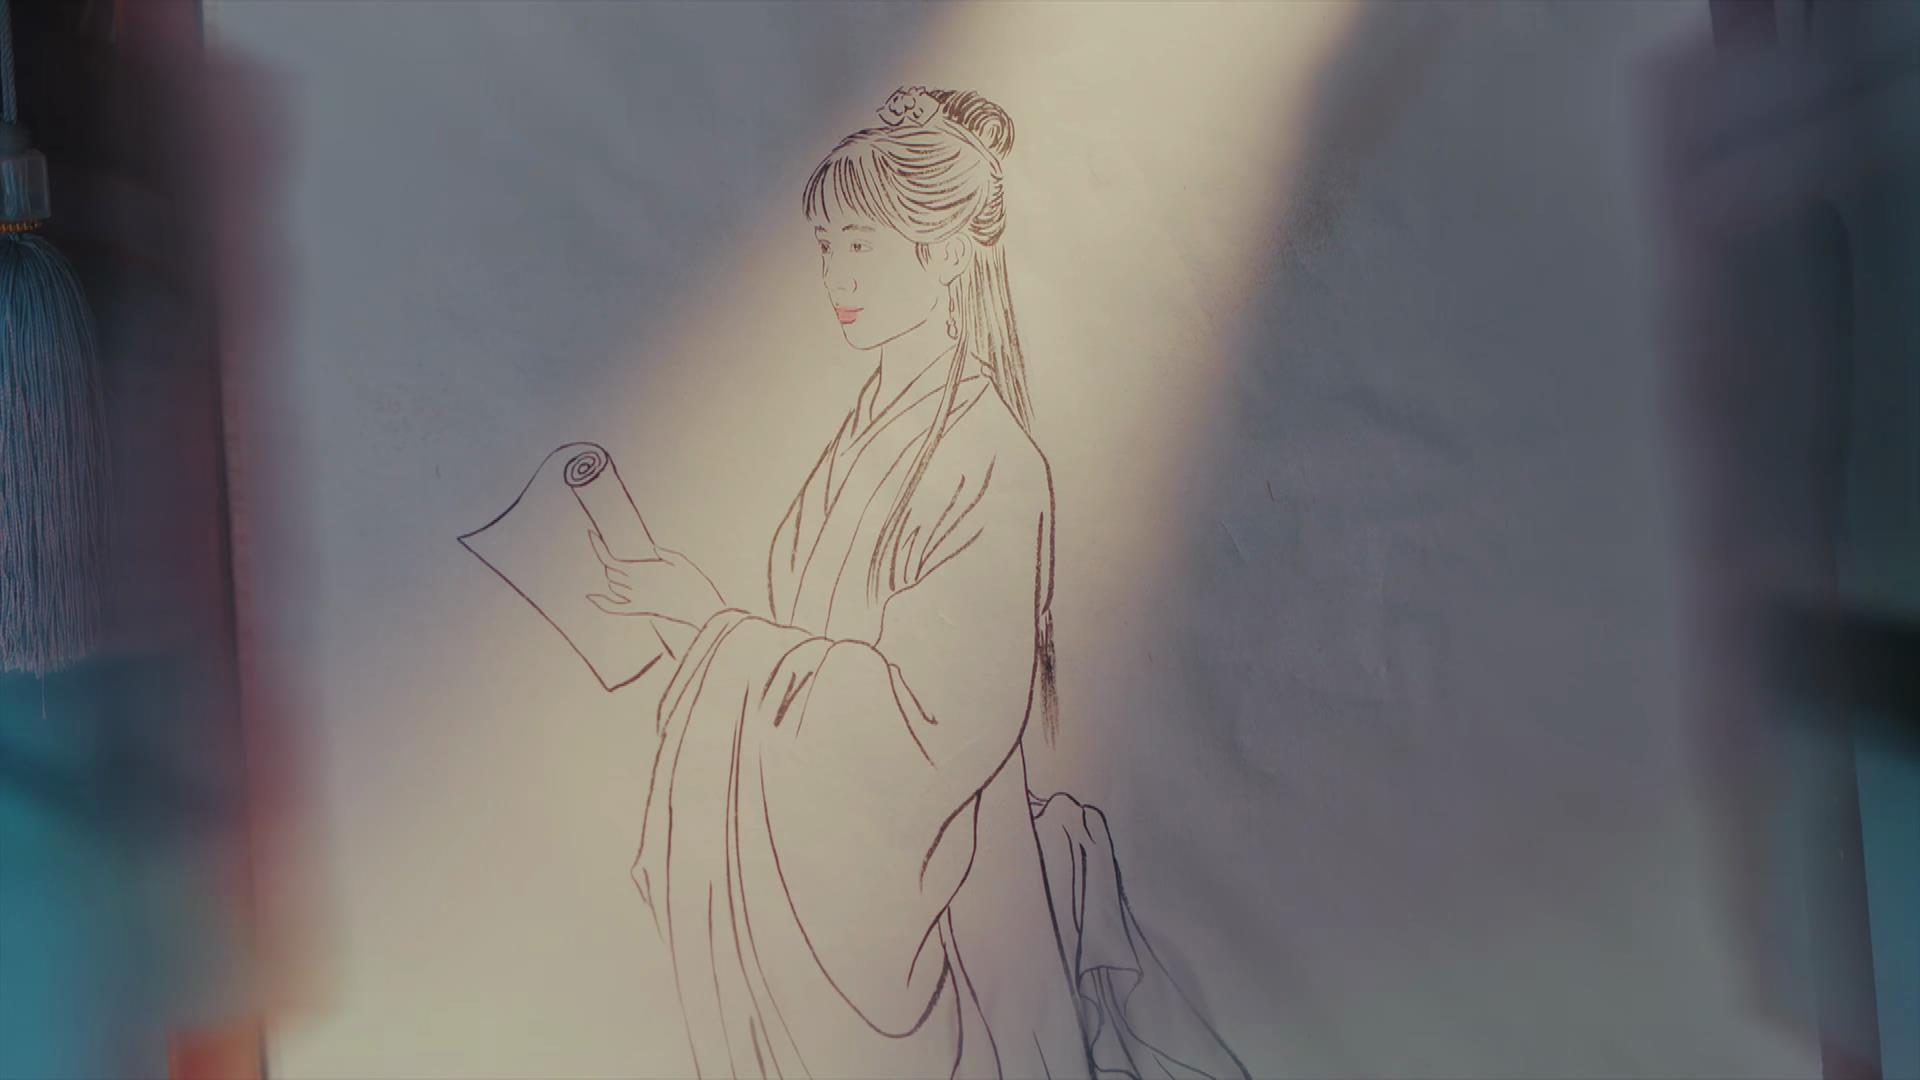 新白娘 剧组缺钱 许仙笔下白素贞画像无美感,一点都不像本尊